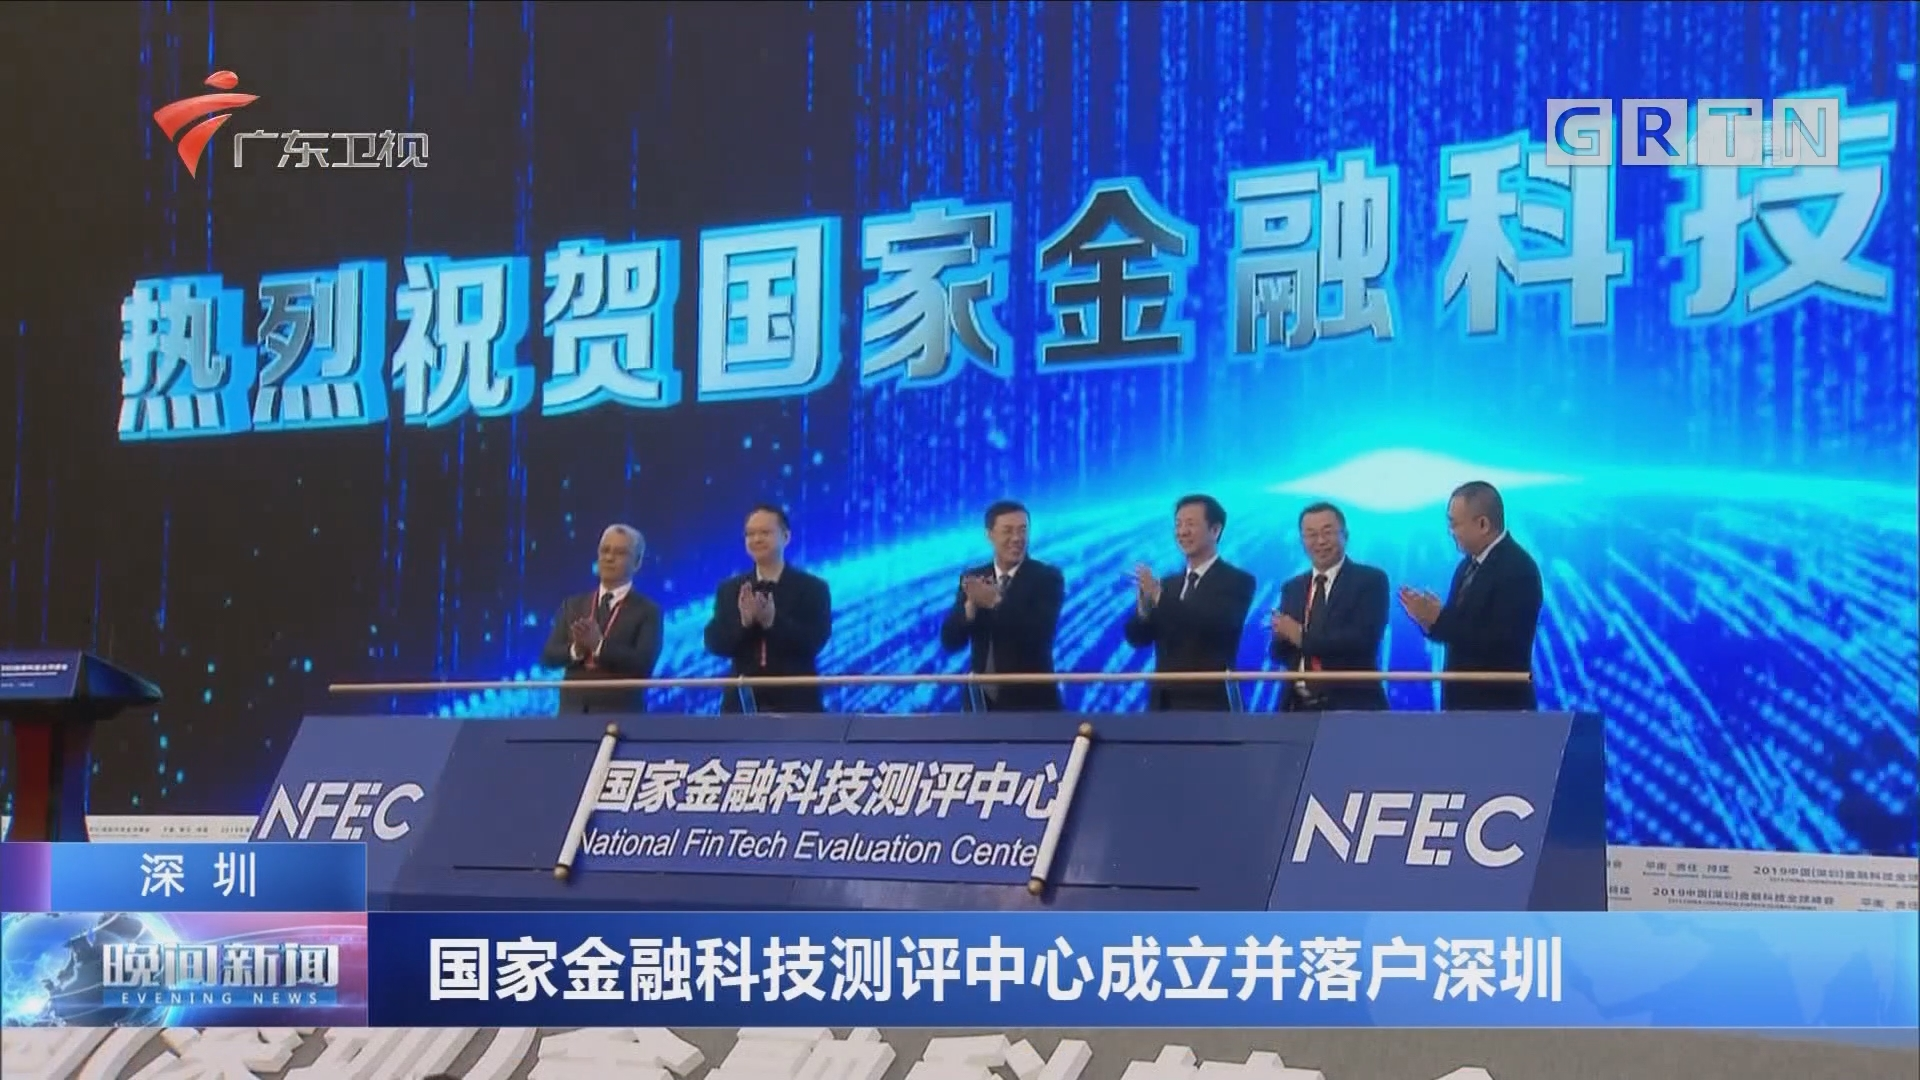 深圳:国家金融科技测评中心成立并落户深圳